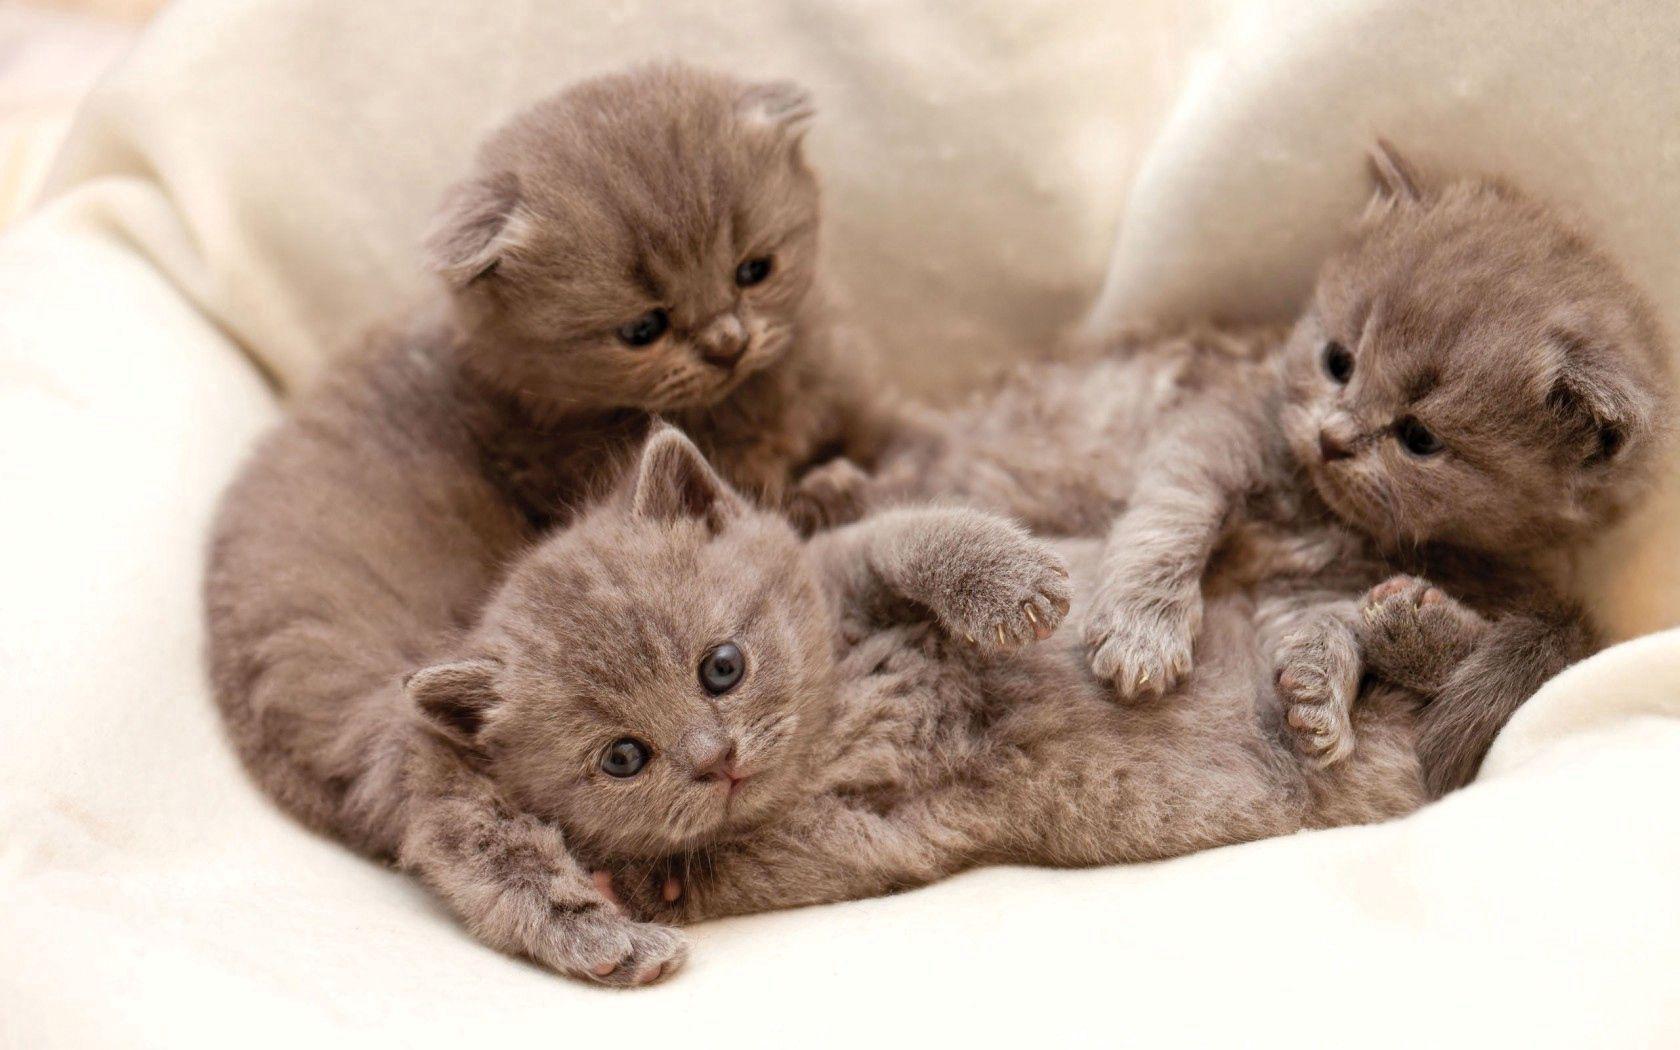 84547 Hintergrundbild herunterladen Katzen, Tiere, Hintergrund, Drei - Bildschirmschoner und Bilder kostenlos